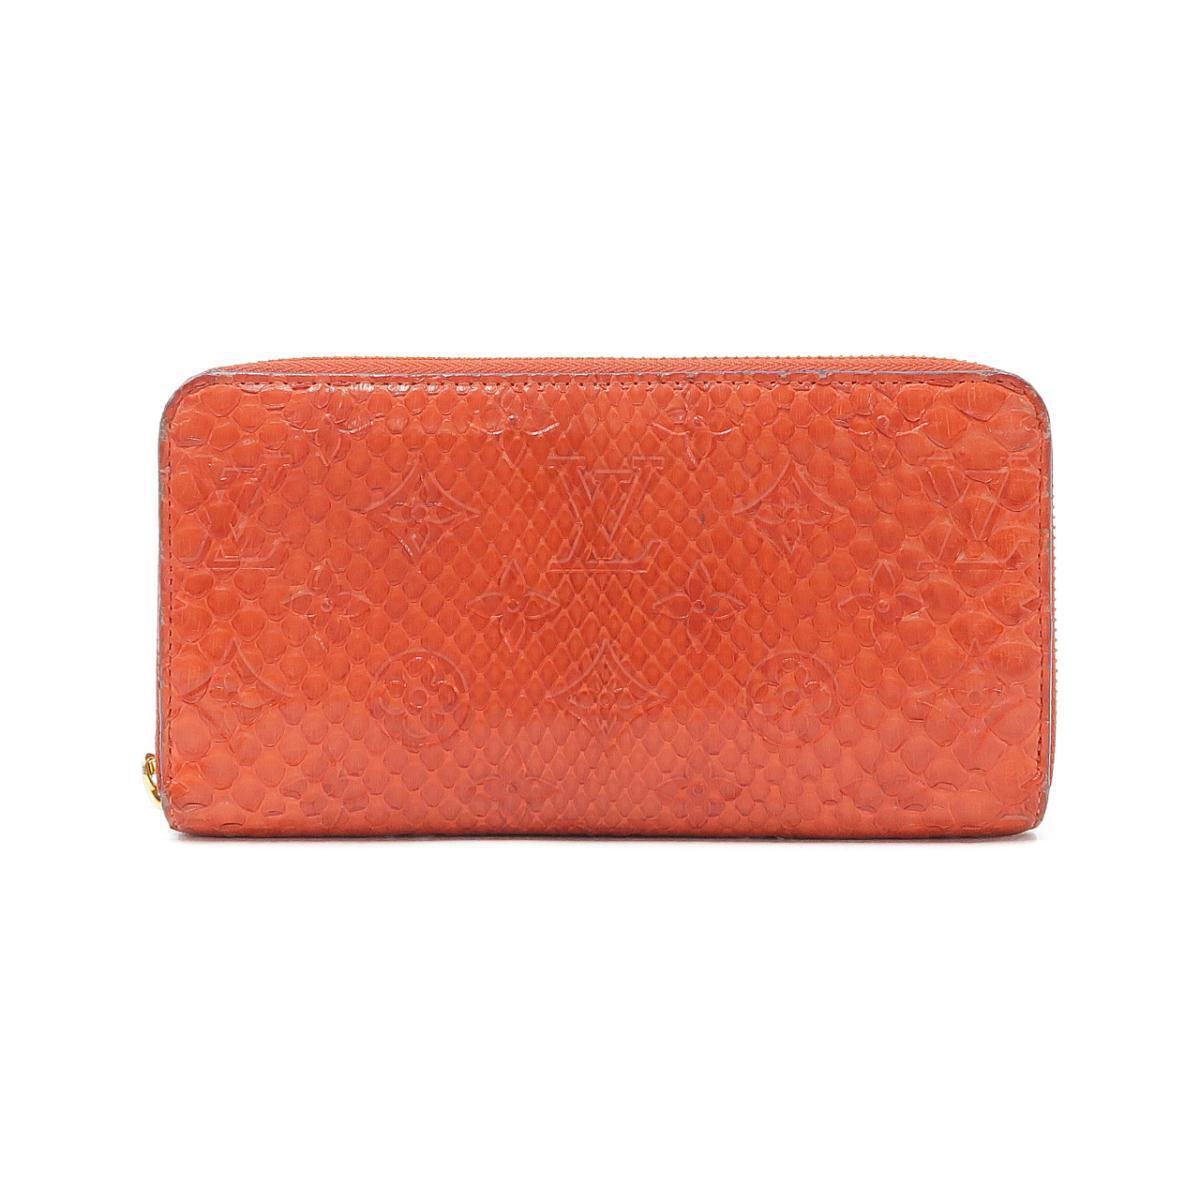 ルイヴィトン エキゾチックレザー 財布 N91448【中古】